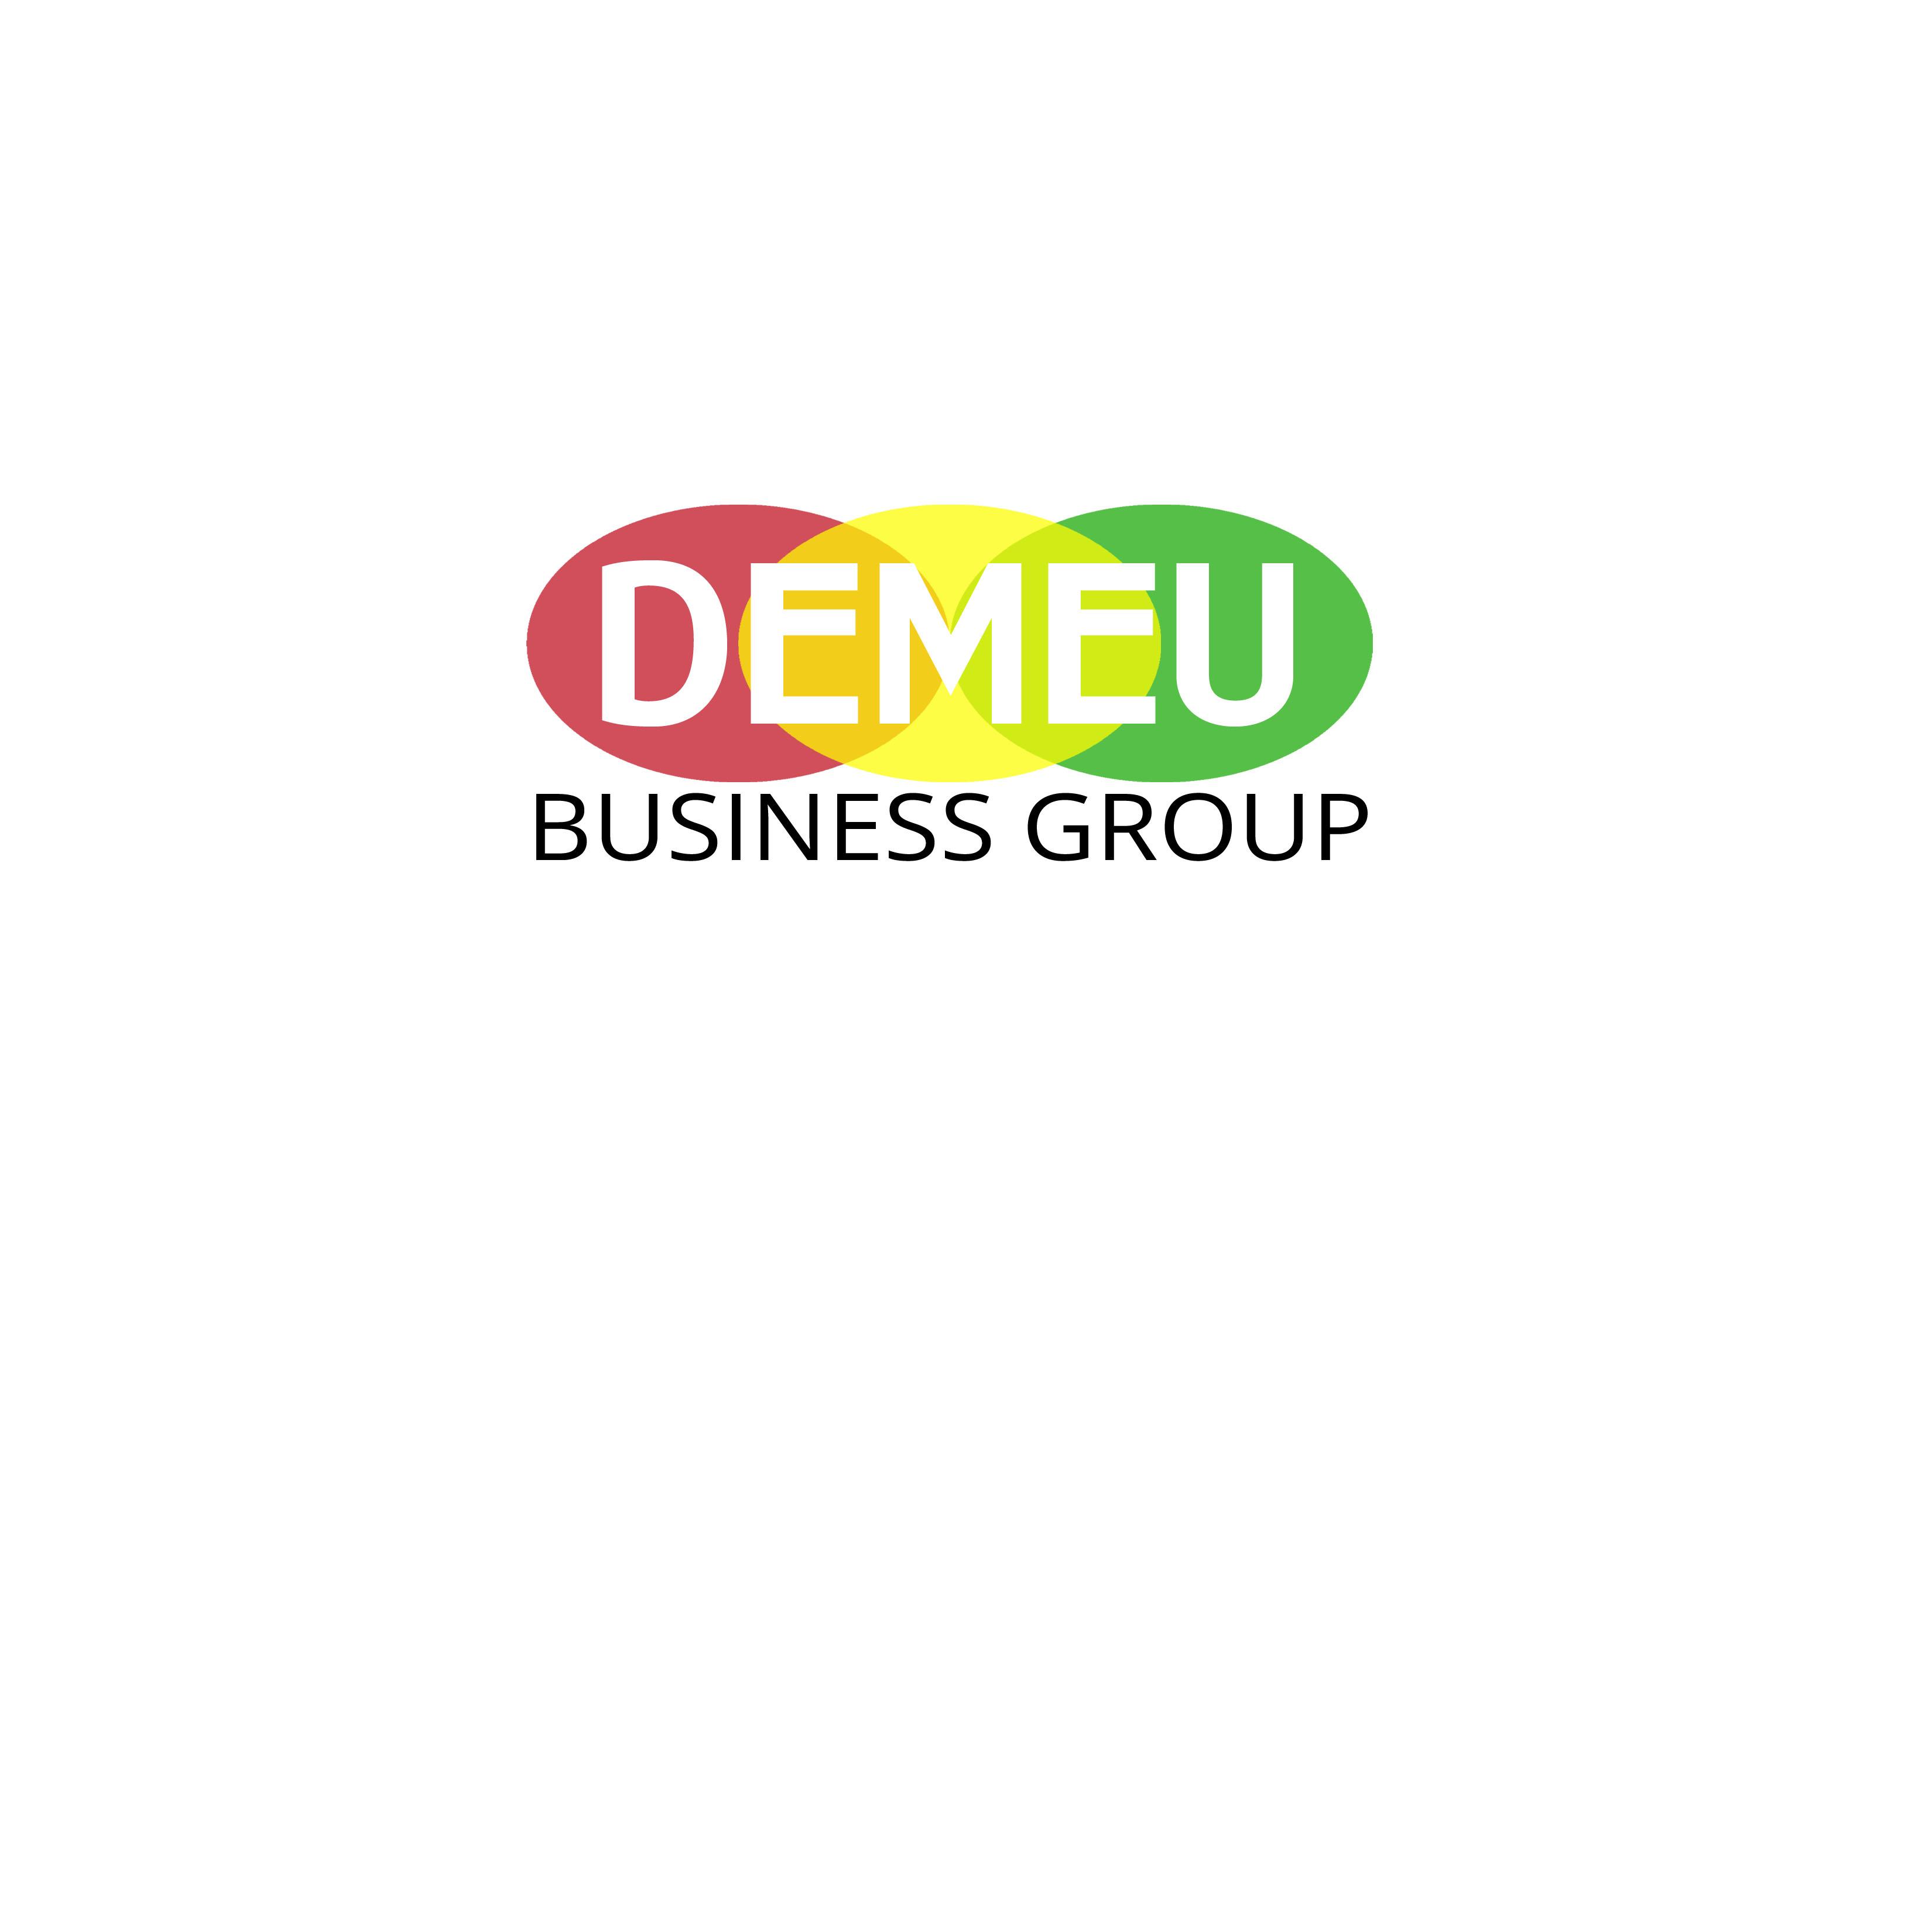 Logo Design by Allan Esclamado - Entry No. 56 in the Logo Design Contest Captivating Logo Design for DEMEU Business Group.